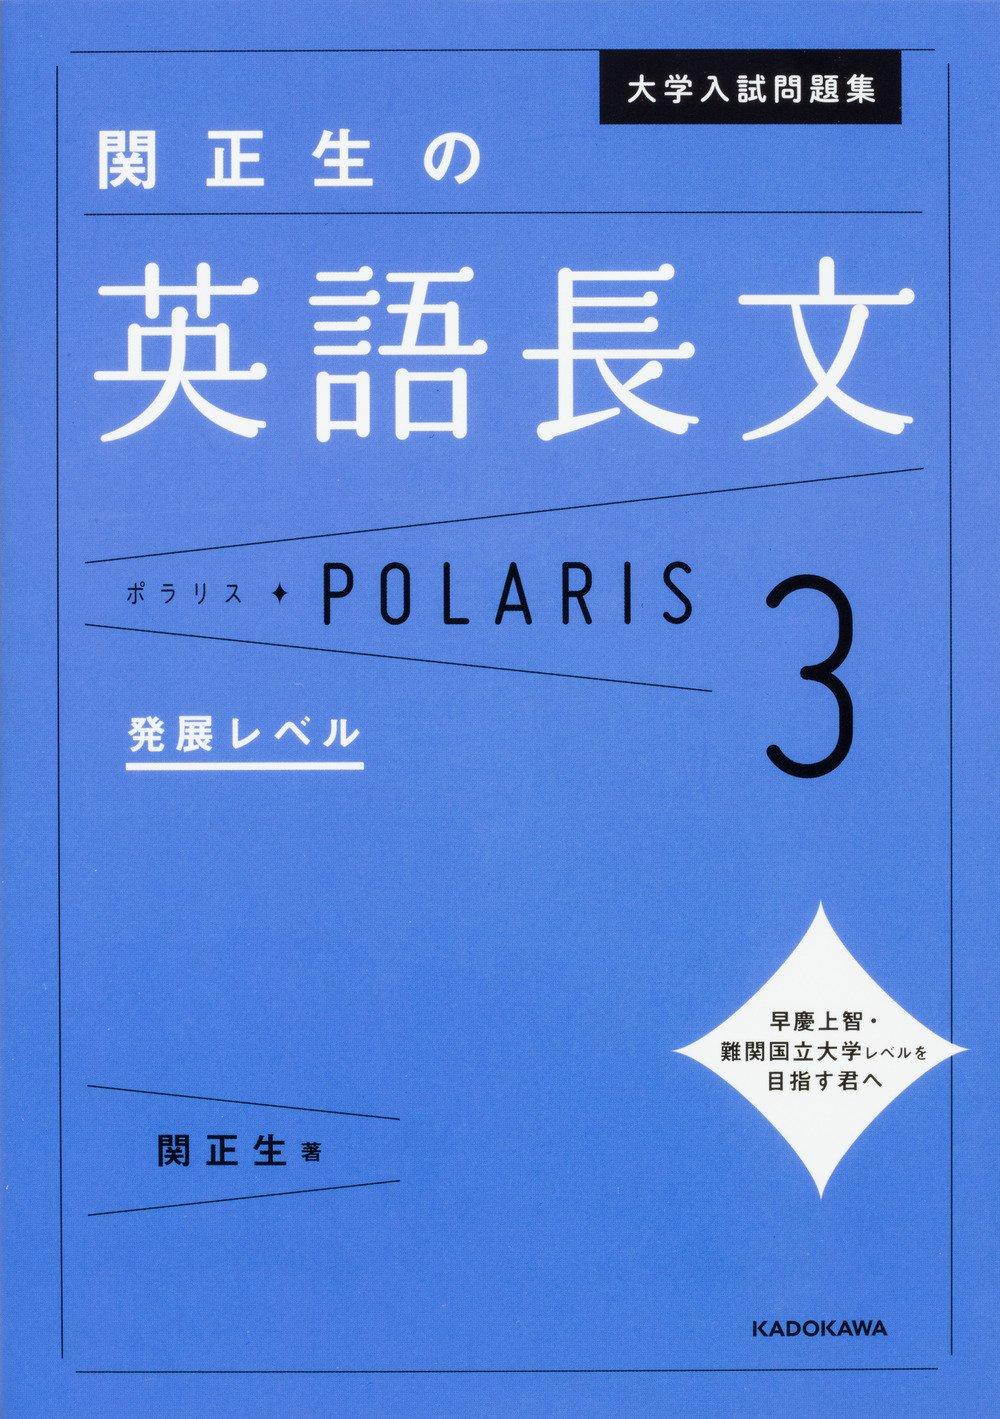 「ポラリス3」の画像検索結果